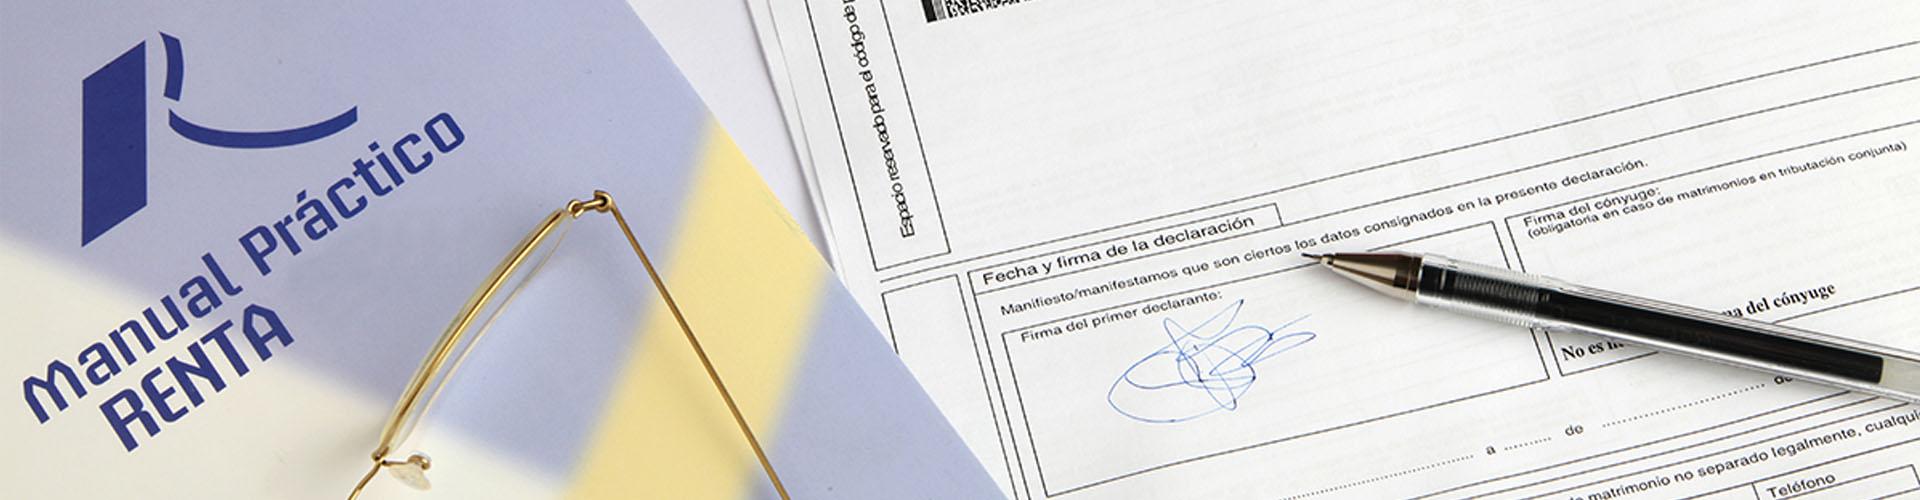 Taller sobre fiscalidad, Hacienda y Seguridad Social para emprendedores